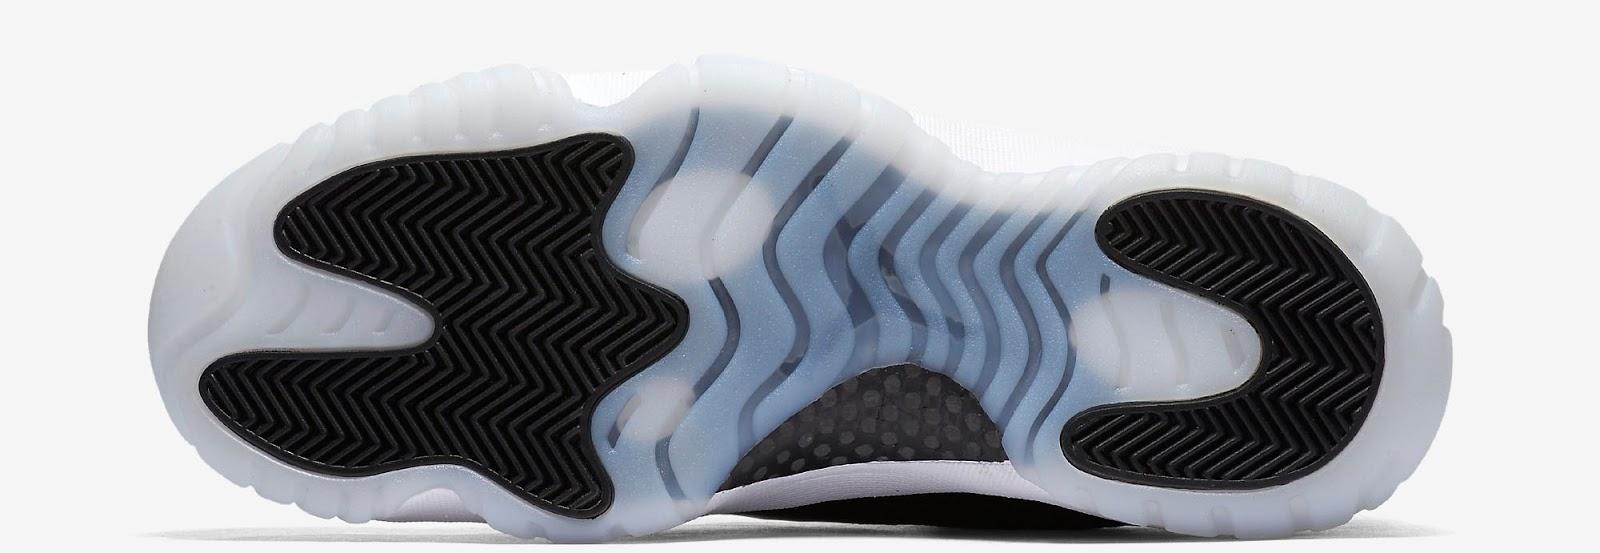 9225a8d2b40 ajordanxi Your  1 Source For Sneaker Release Dates  Air Jordan 11 ...